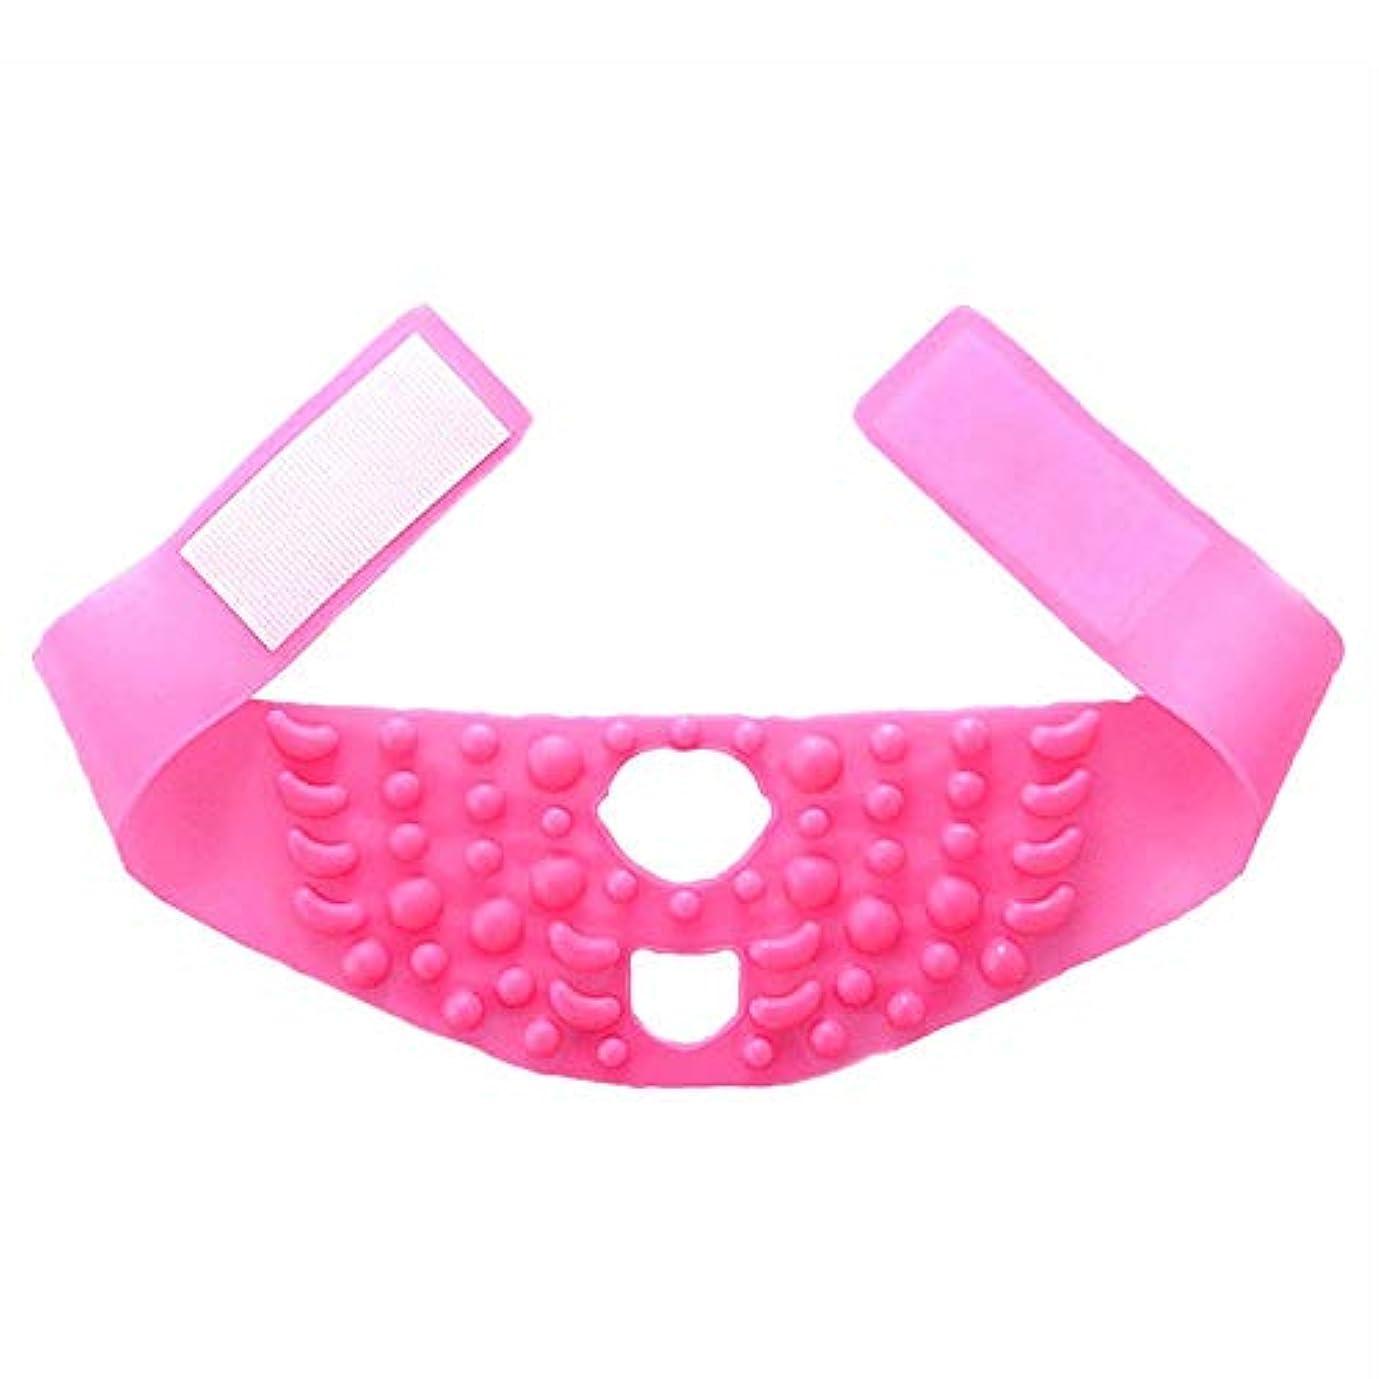 メロンビヨン私たちのMinmin シンフェイスマスクシリコーンマッサージ引き締まった形の小さなVフェイスリフティングに薄いフェイスアーティファクト包帯を飾る - ピンク みんみんVラインフェイスマスク